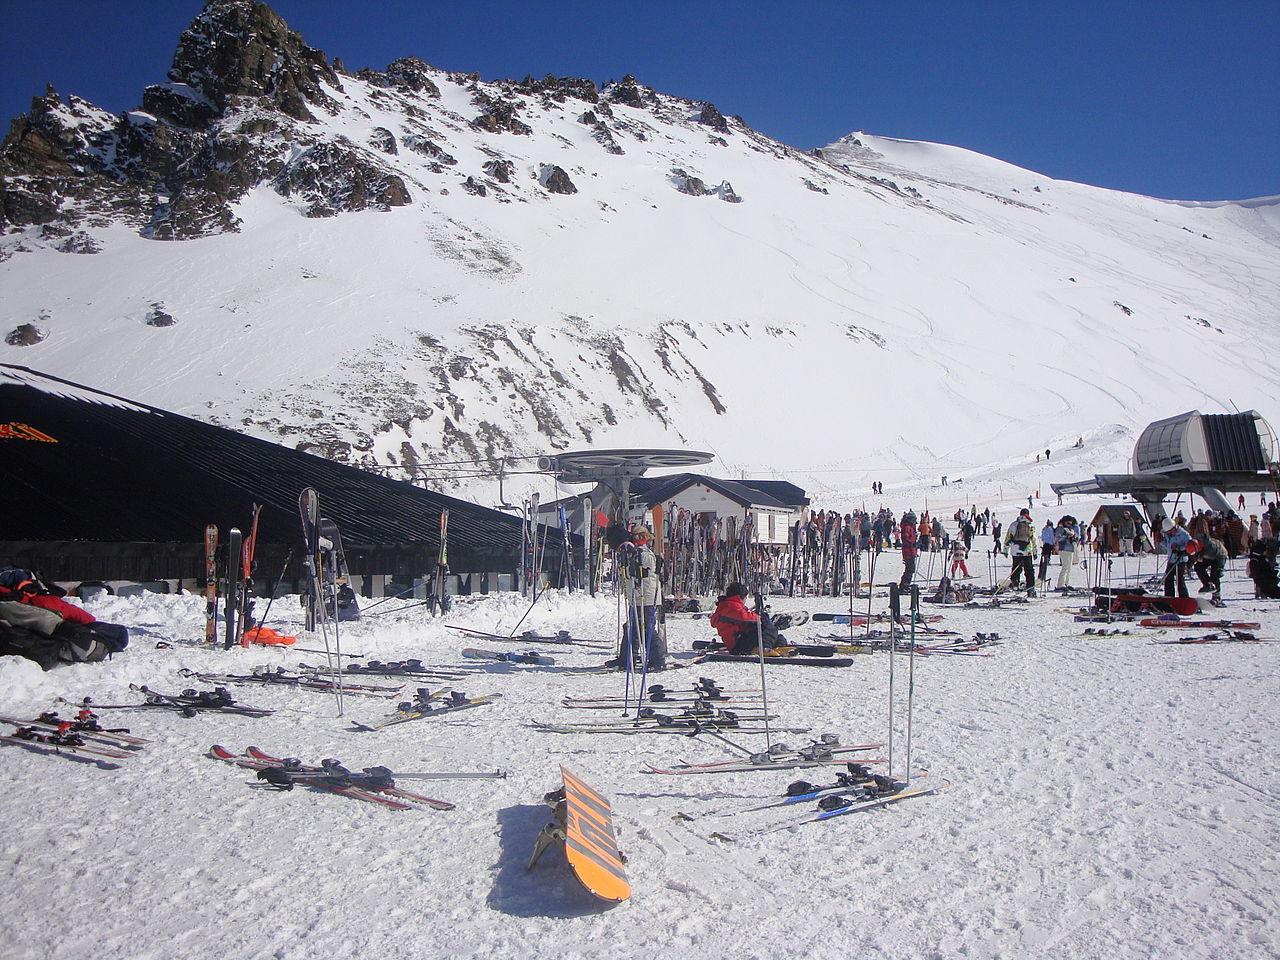 1280px-Centro_de_esqu%C3%AD_y_snowboard_